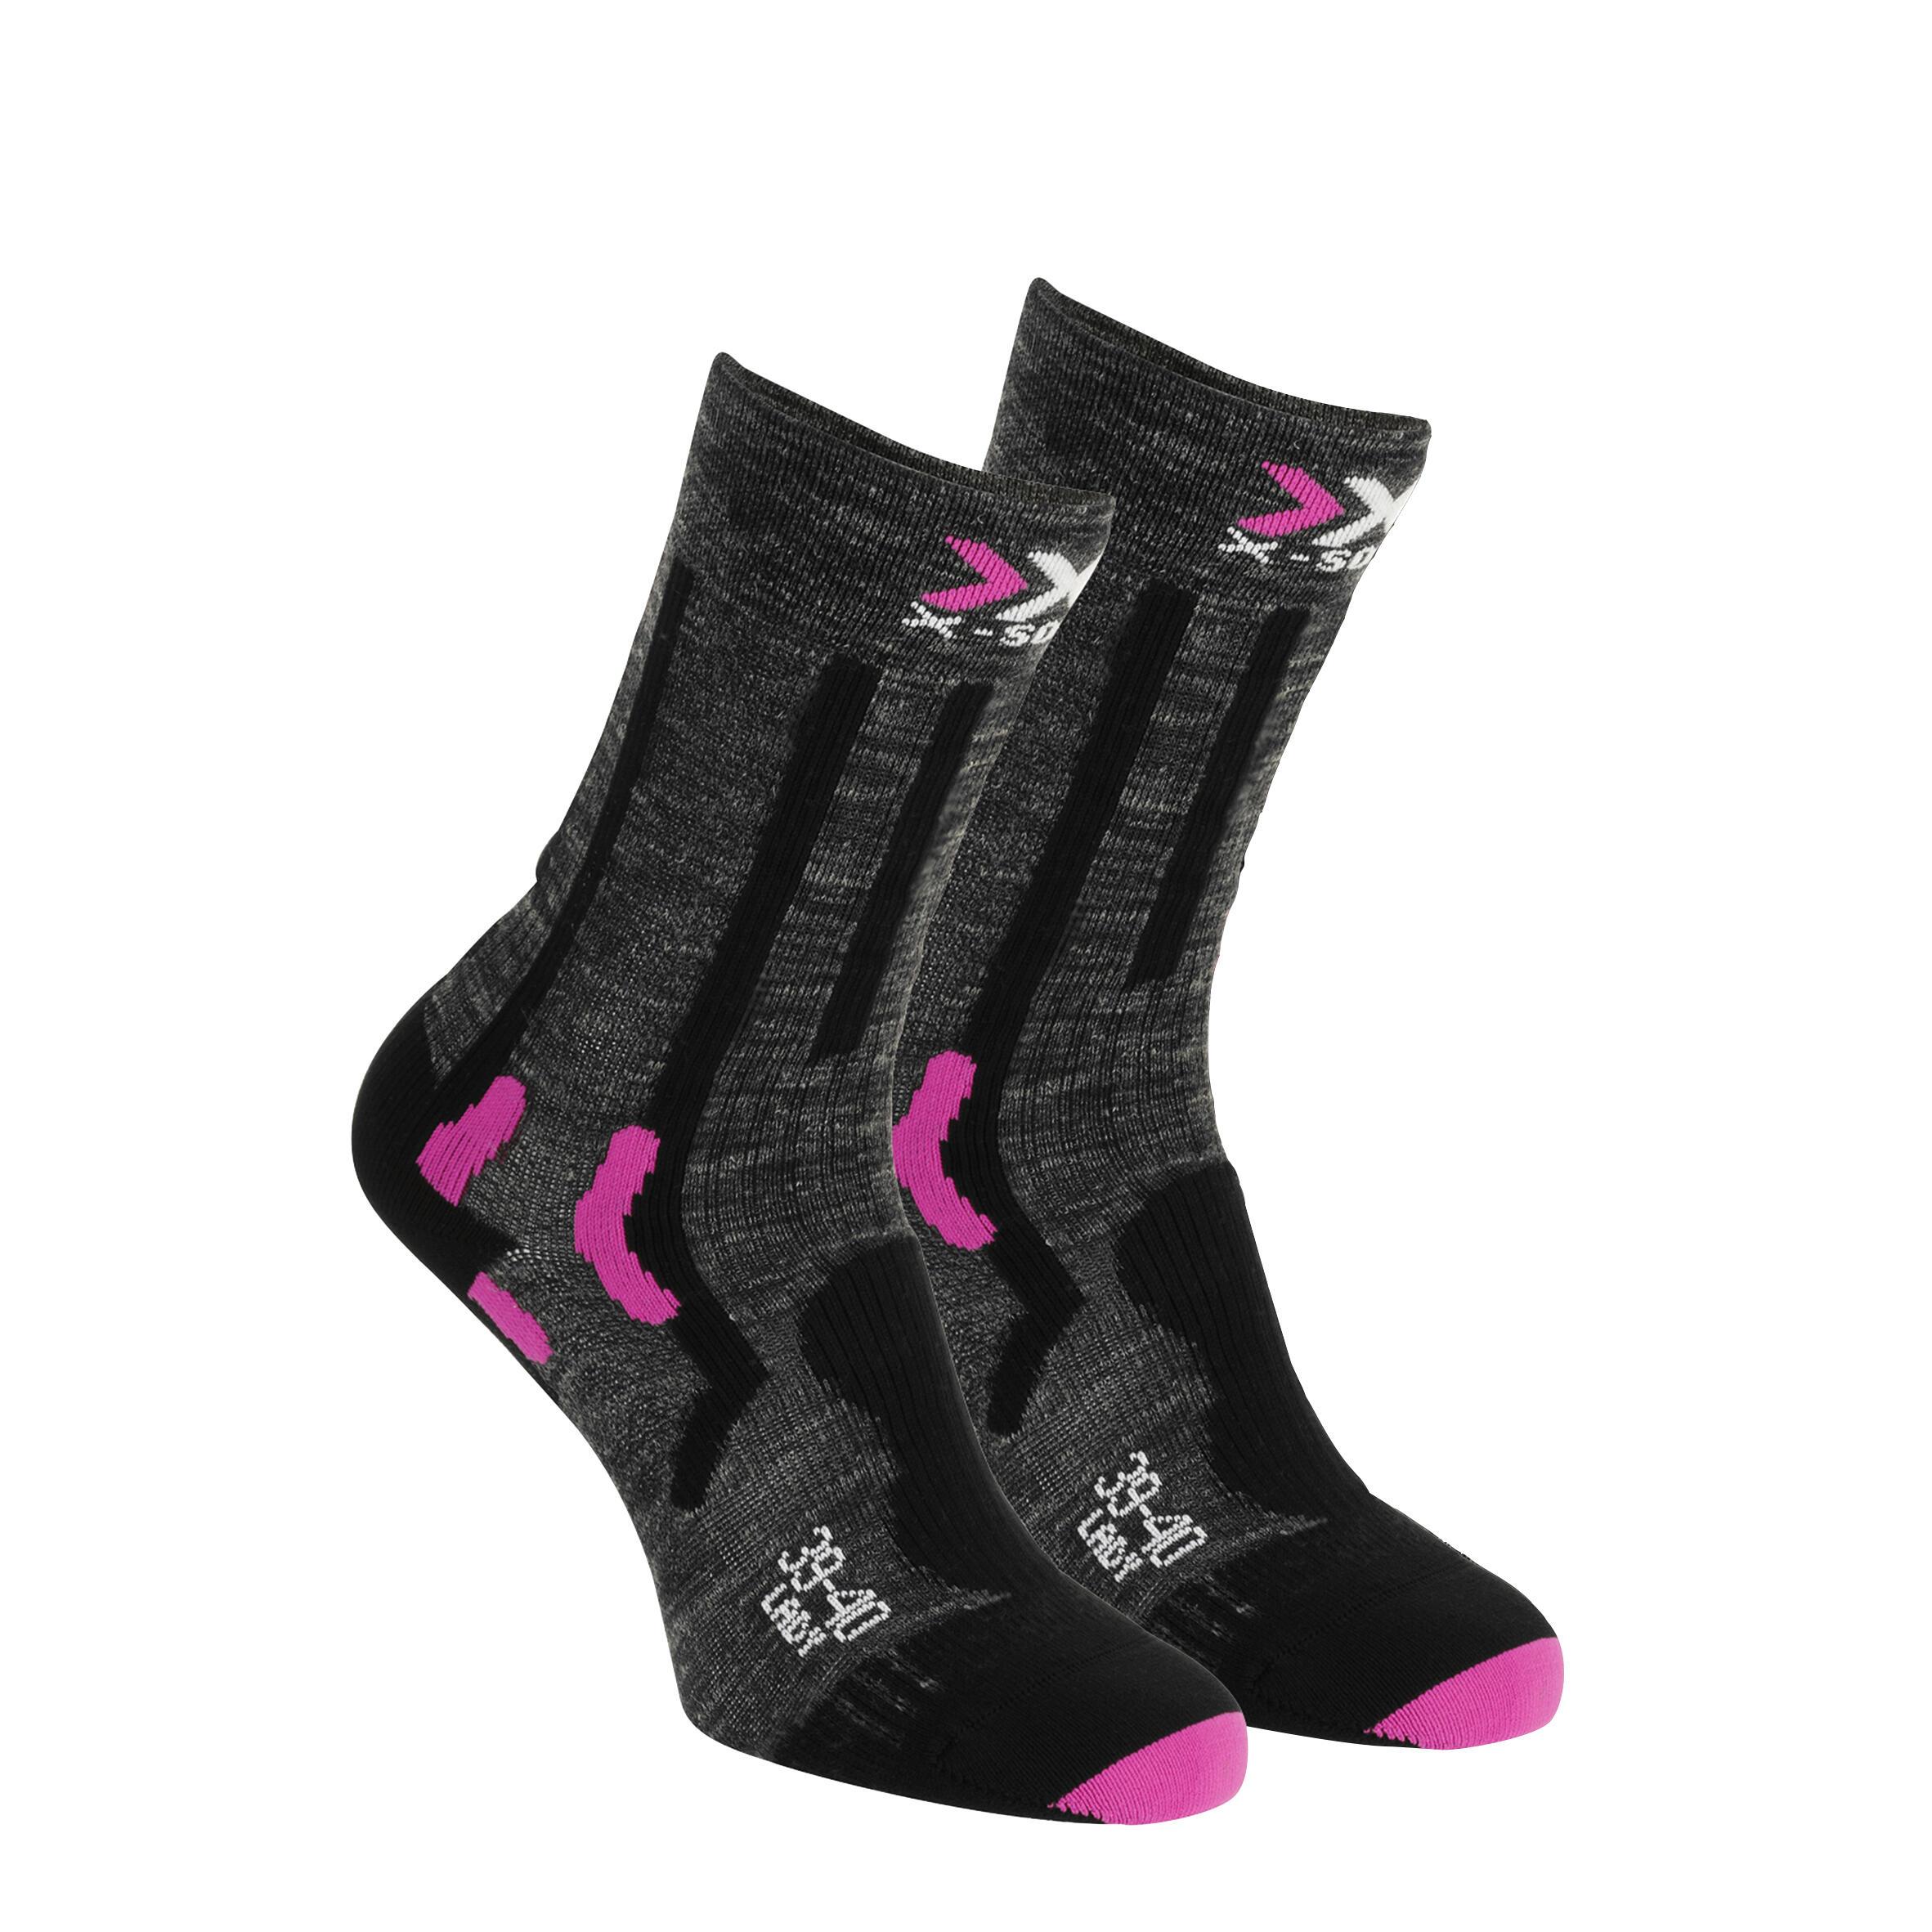 Wandersocken Trek Summer X-Socks Damen rosa | Sportbekleidung > Funktionswäsche > Wandersocken | Sidas